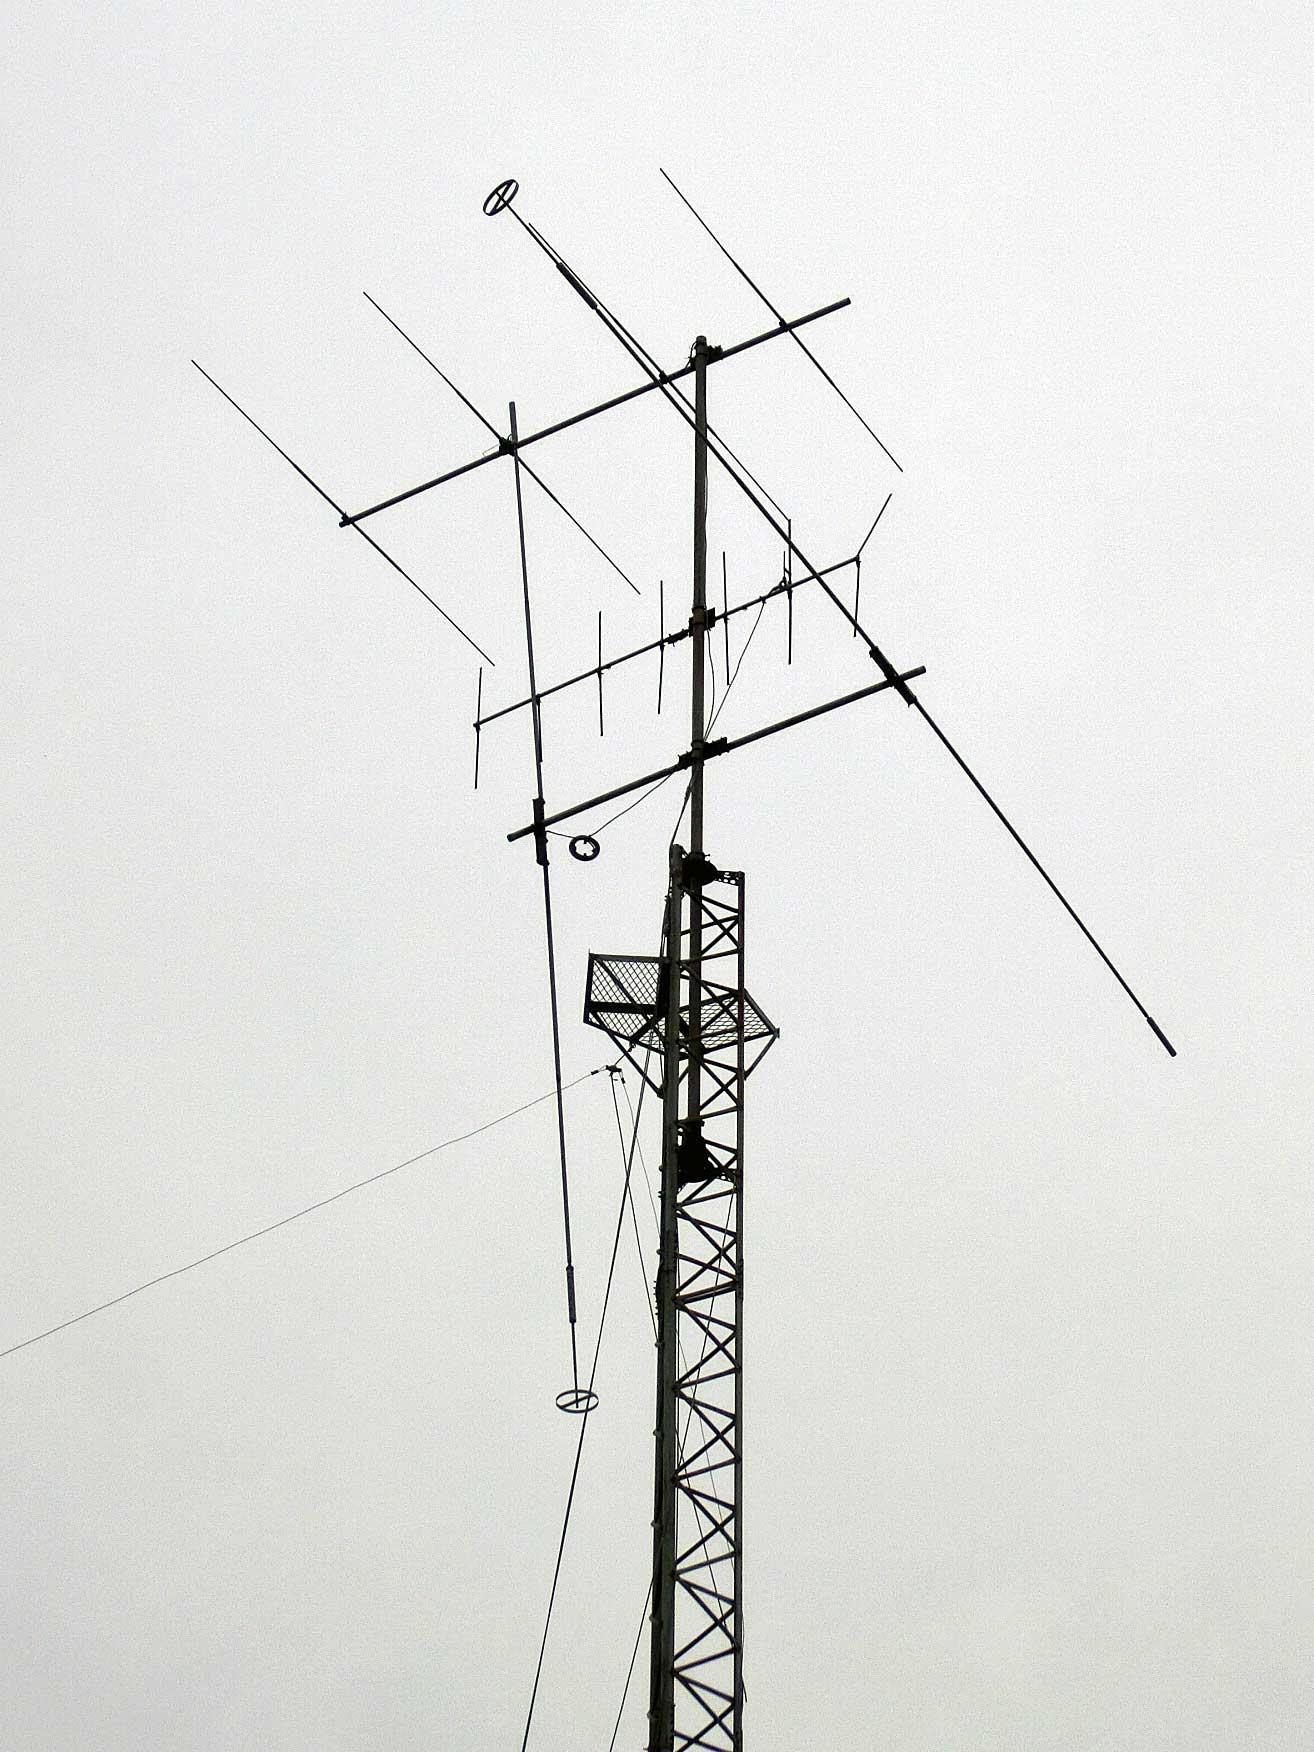 アマチュア無線のアンテナタワー撤去工事。兵庫県姫路市